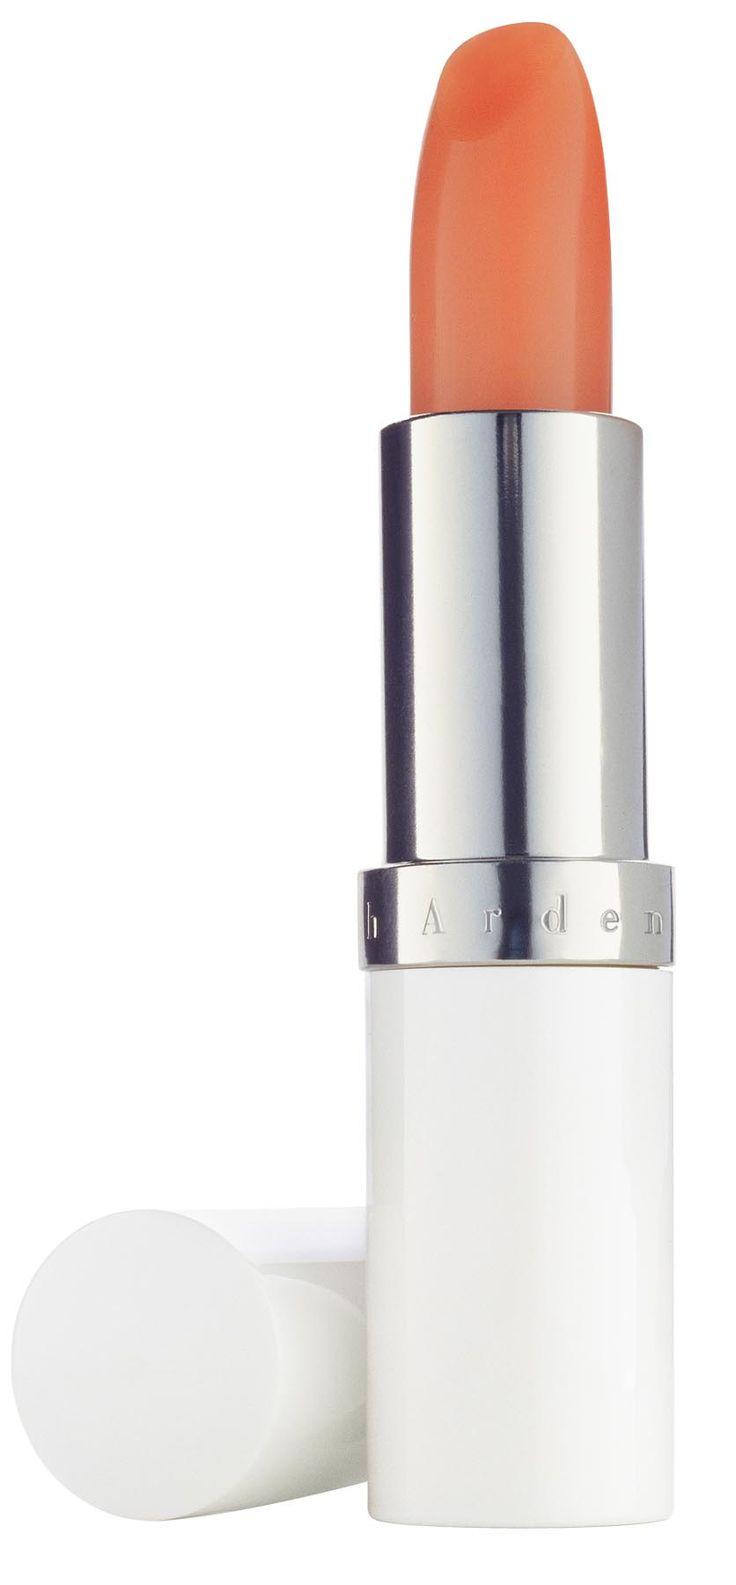 Para tener labios suaves y humectados hoy recomendamos EIGHT HOUR CREAM LIP PROTECTANT STICK SPF 15:   - Protege y proporciona una barrera oclusiva para evitar la pérdida de humedad. - Protege contra el daño que puede causar el medio ambiente y el daño que los radicales libres infligen sobre la piel. - Protege la piel contra el daño que causan los rayos solares. - Alivia los labios cuarteados y agrietados. - Protege y acondiciona los labios. - Cada aplicación humecta para evitar la…